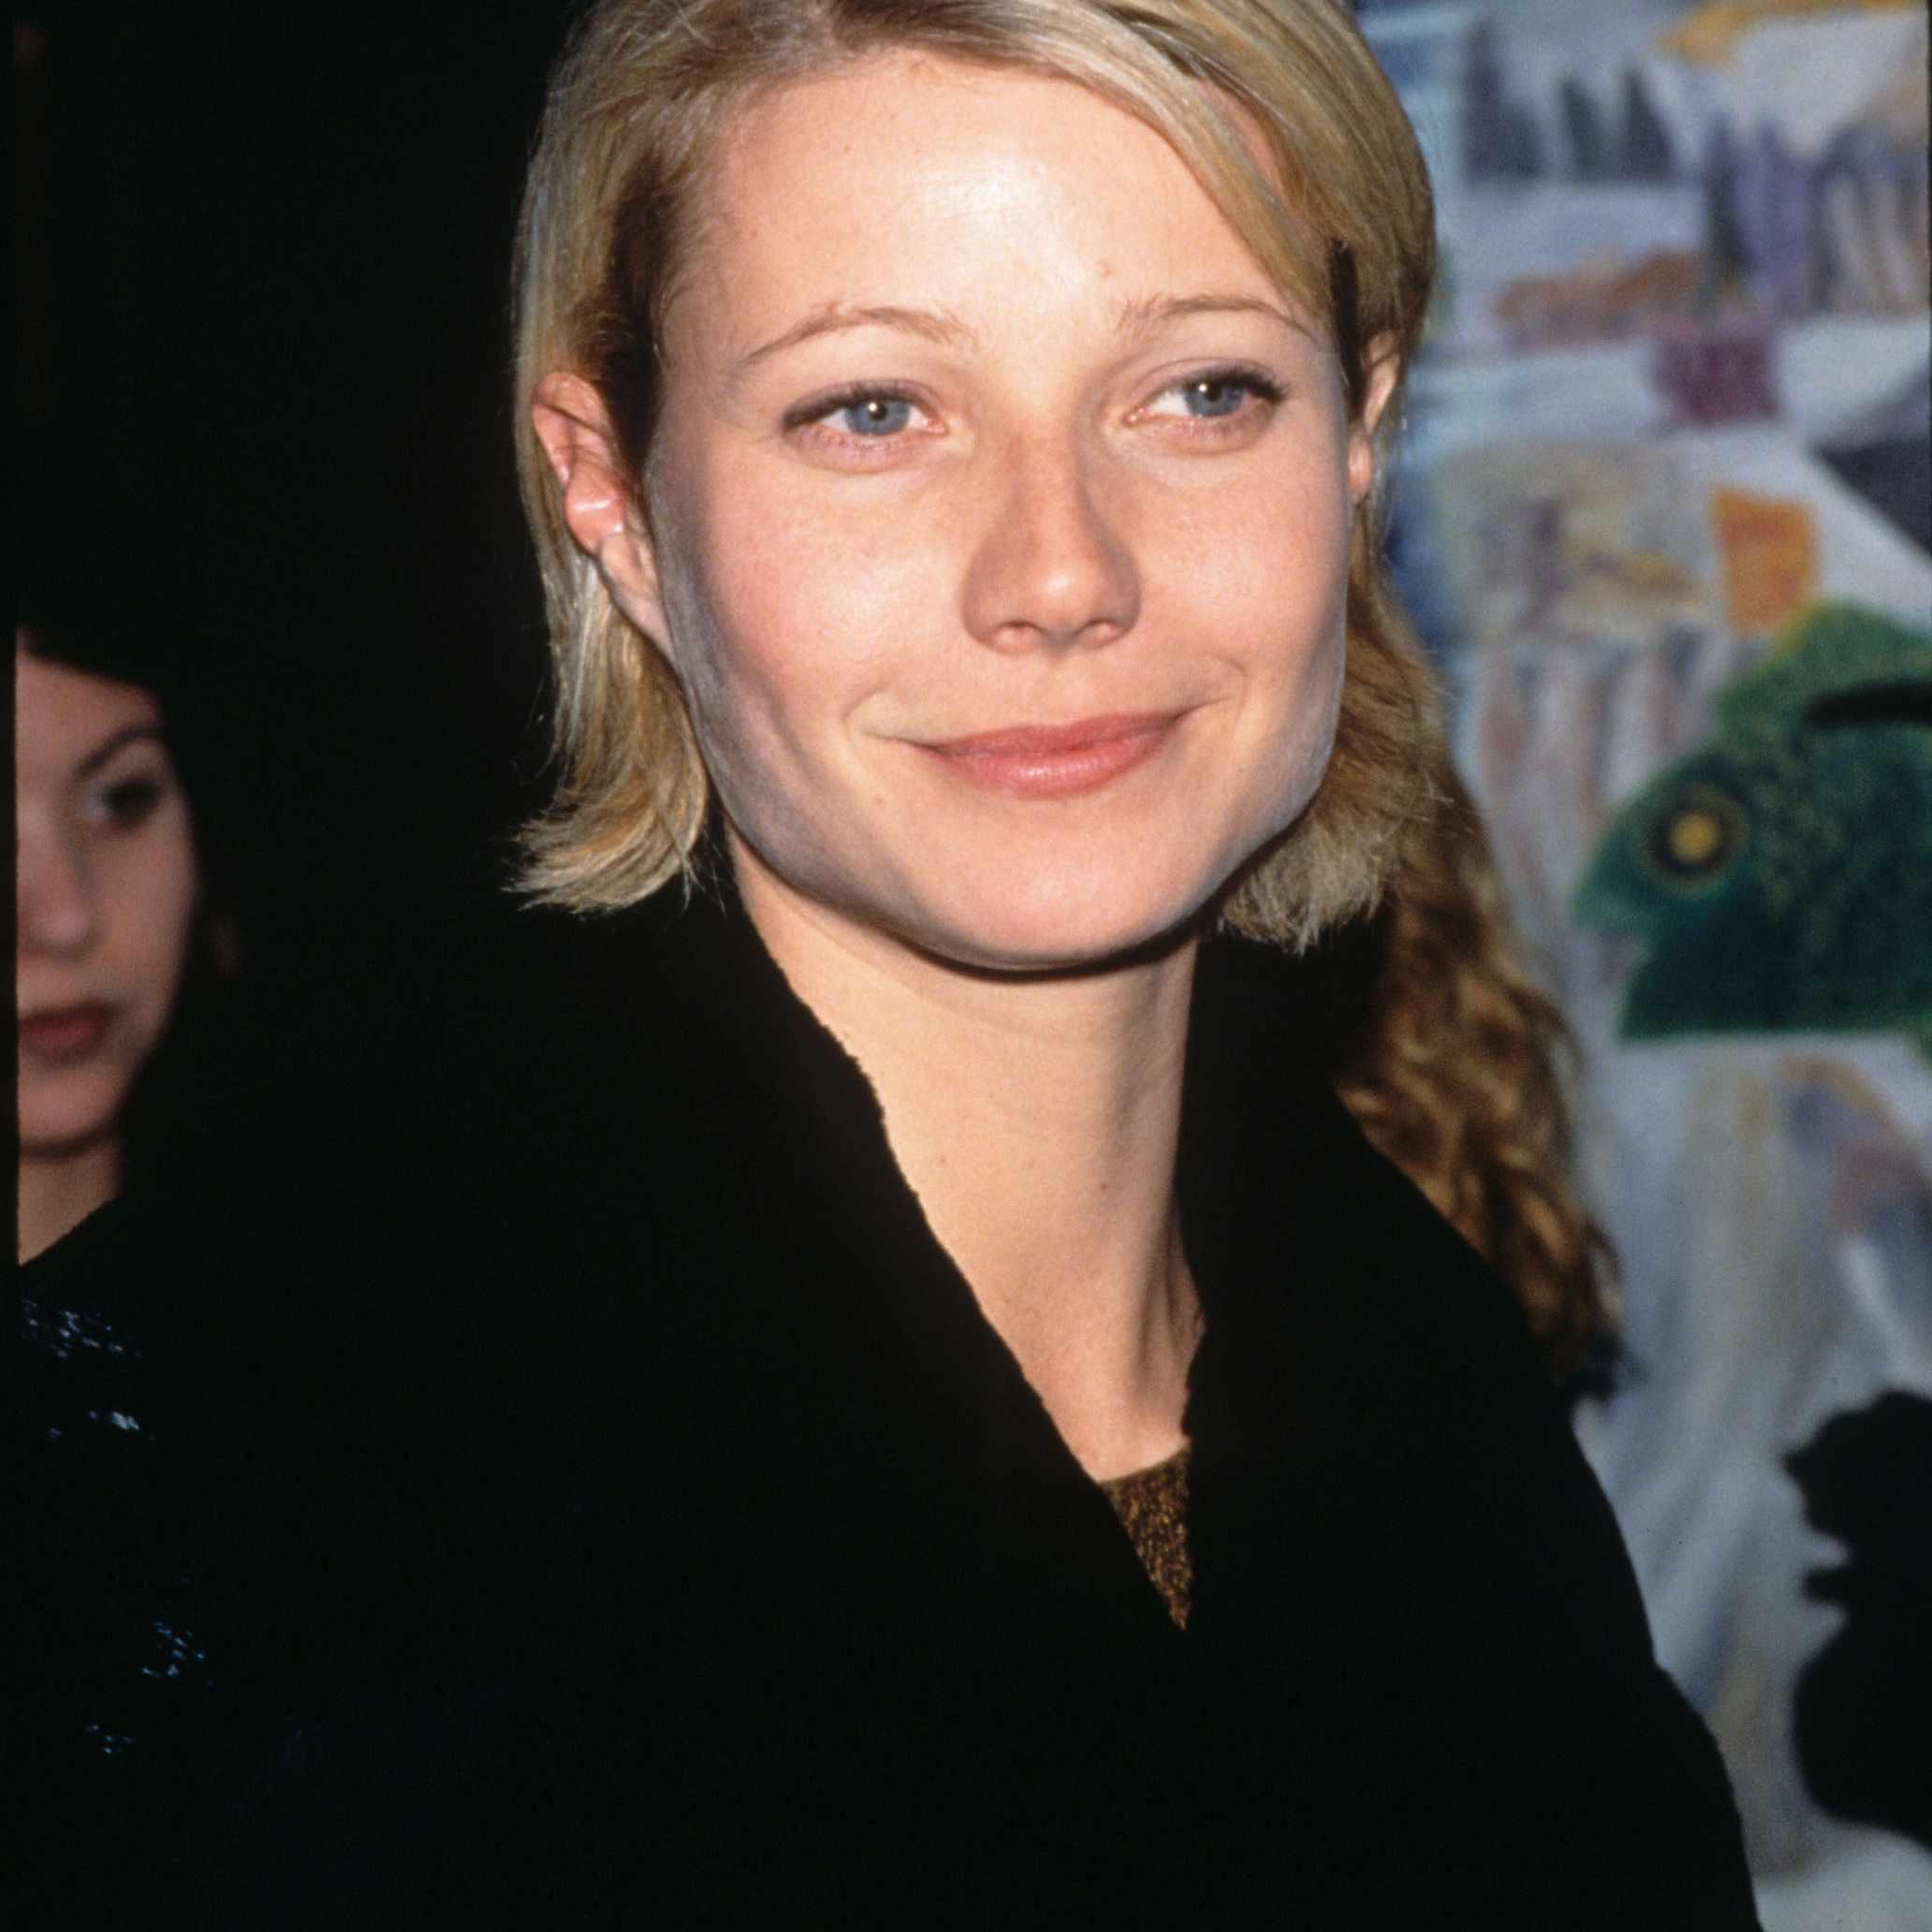 Gwyneth Paltrow - Long Pixie Cut